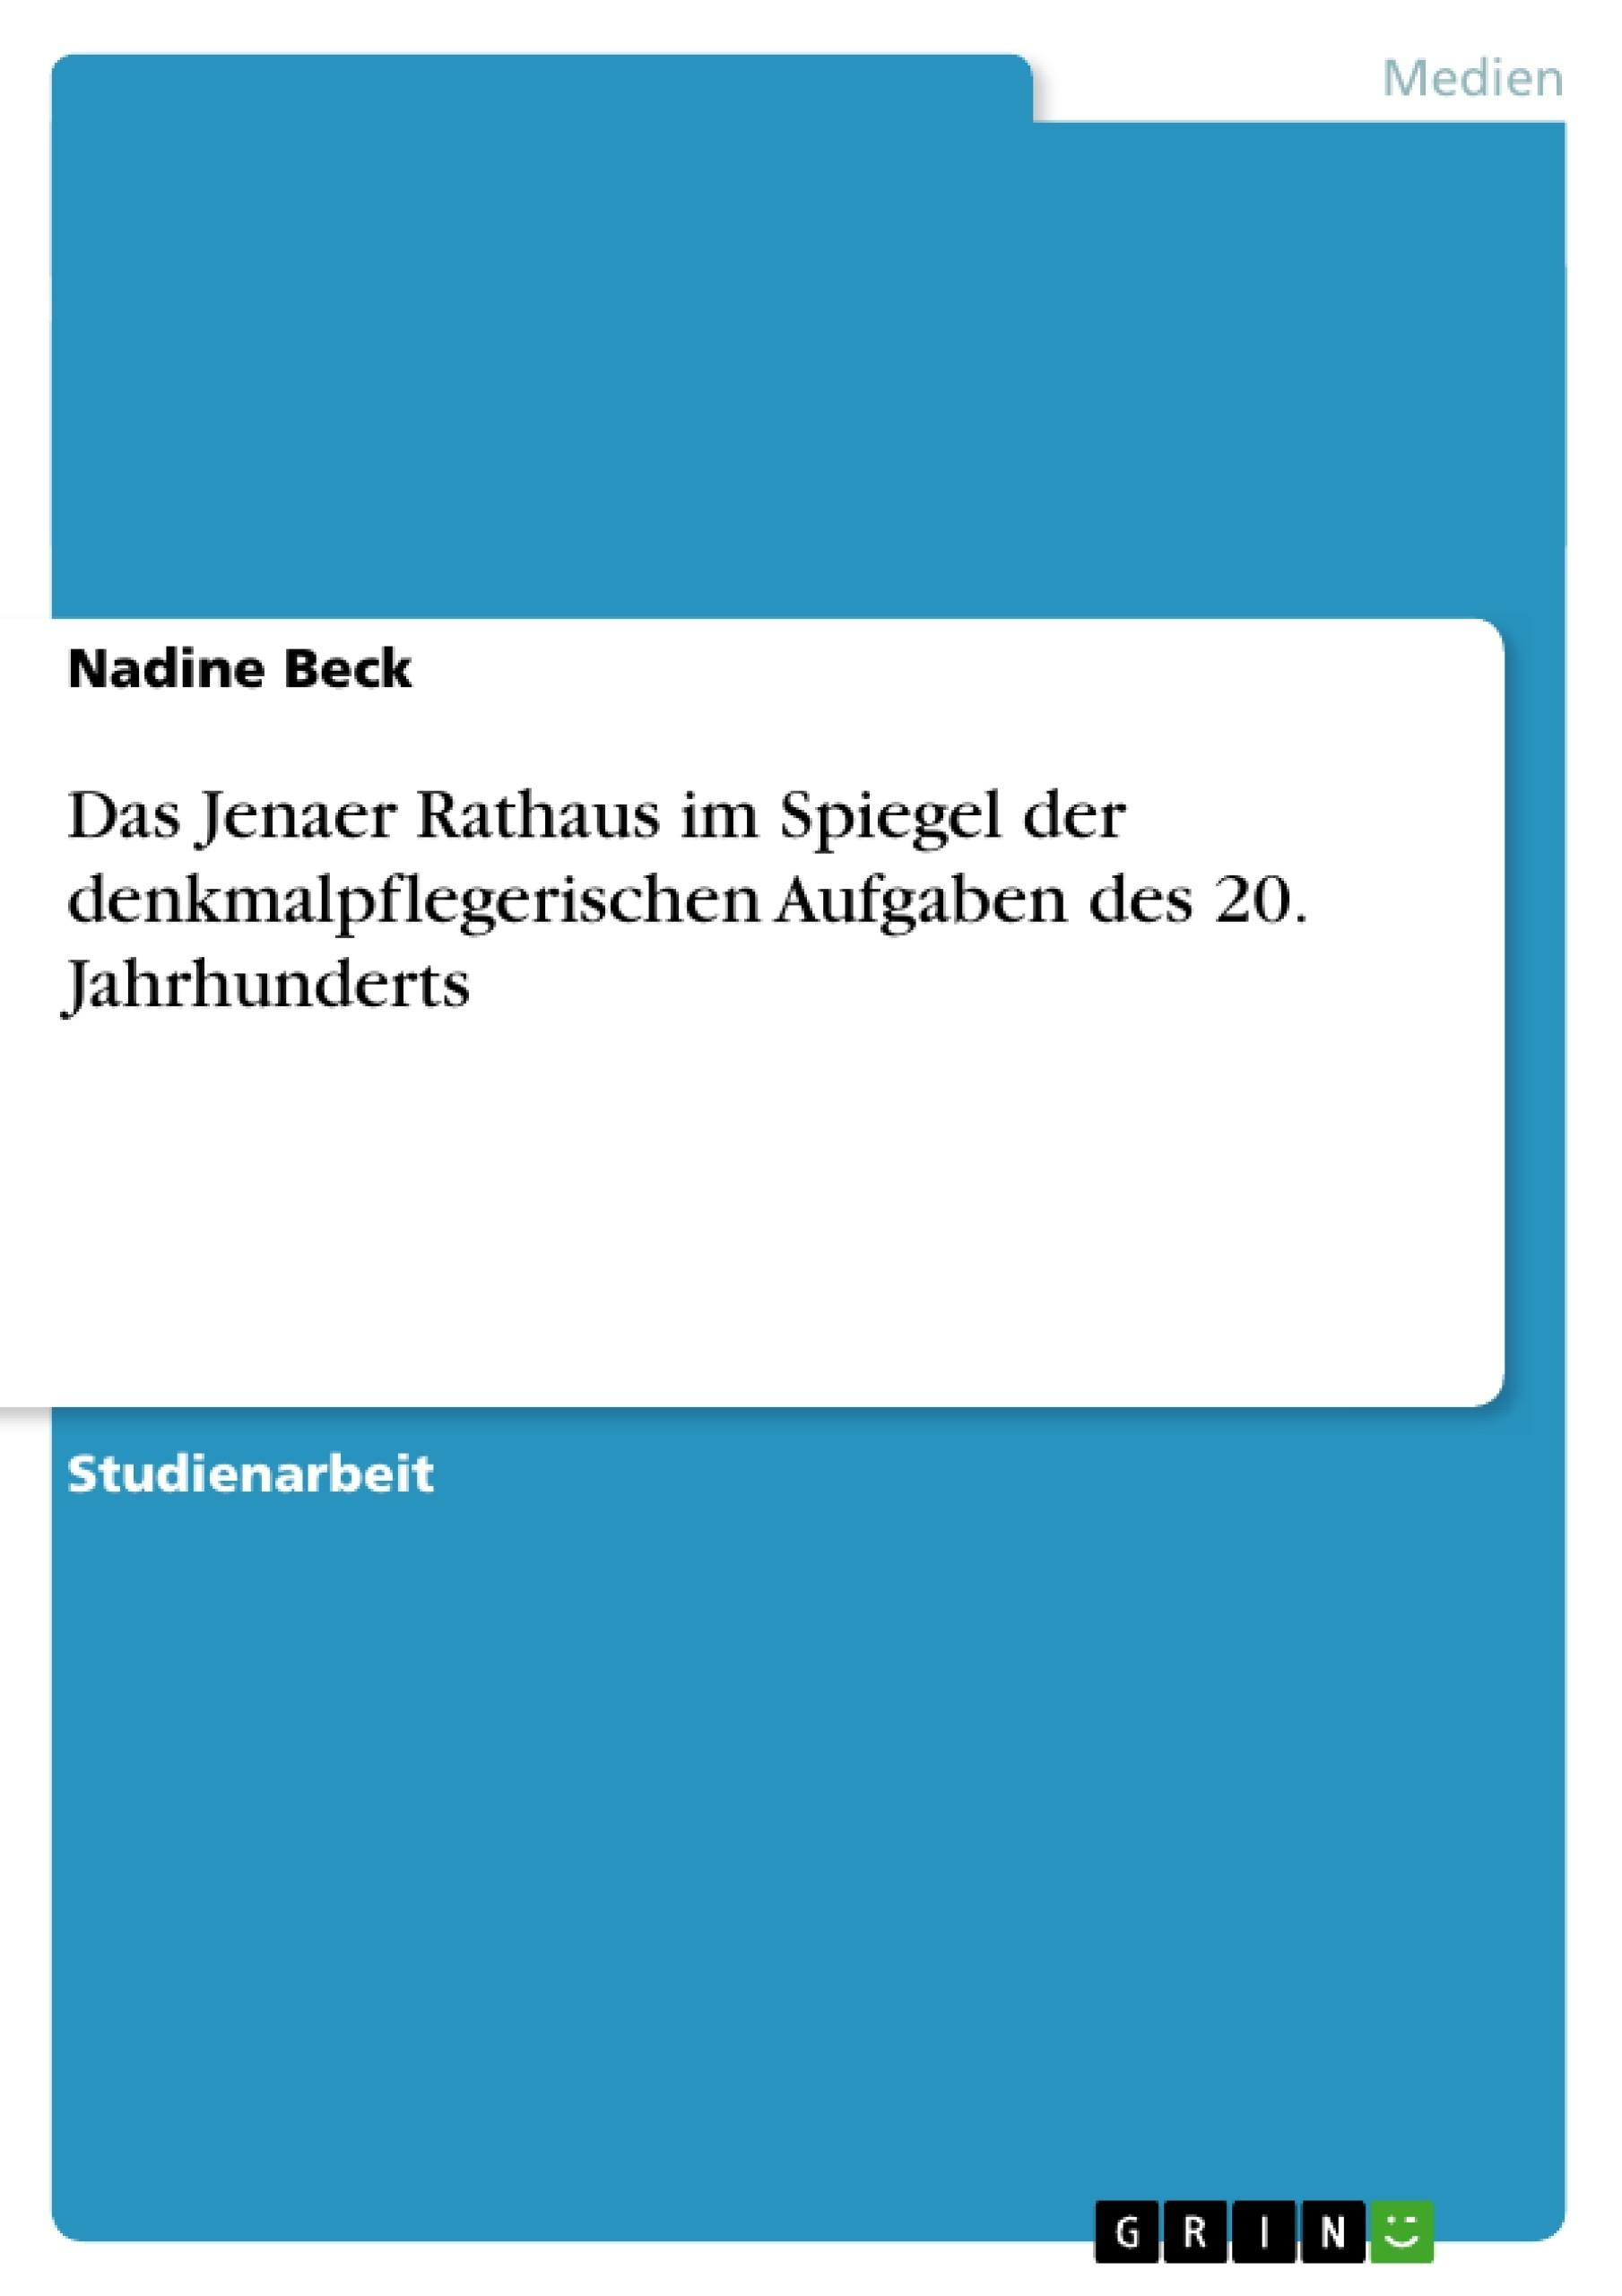 Titel: Das Jenaer Rathaus im Spiegel der denkmalpflegerischen Aufgaben des 20. Jahrhunderts